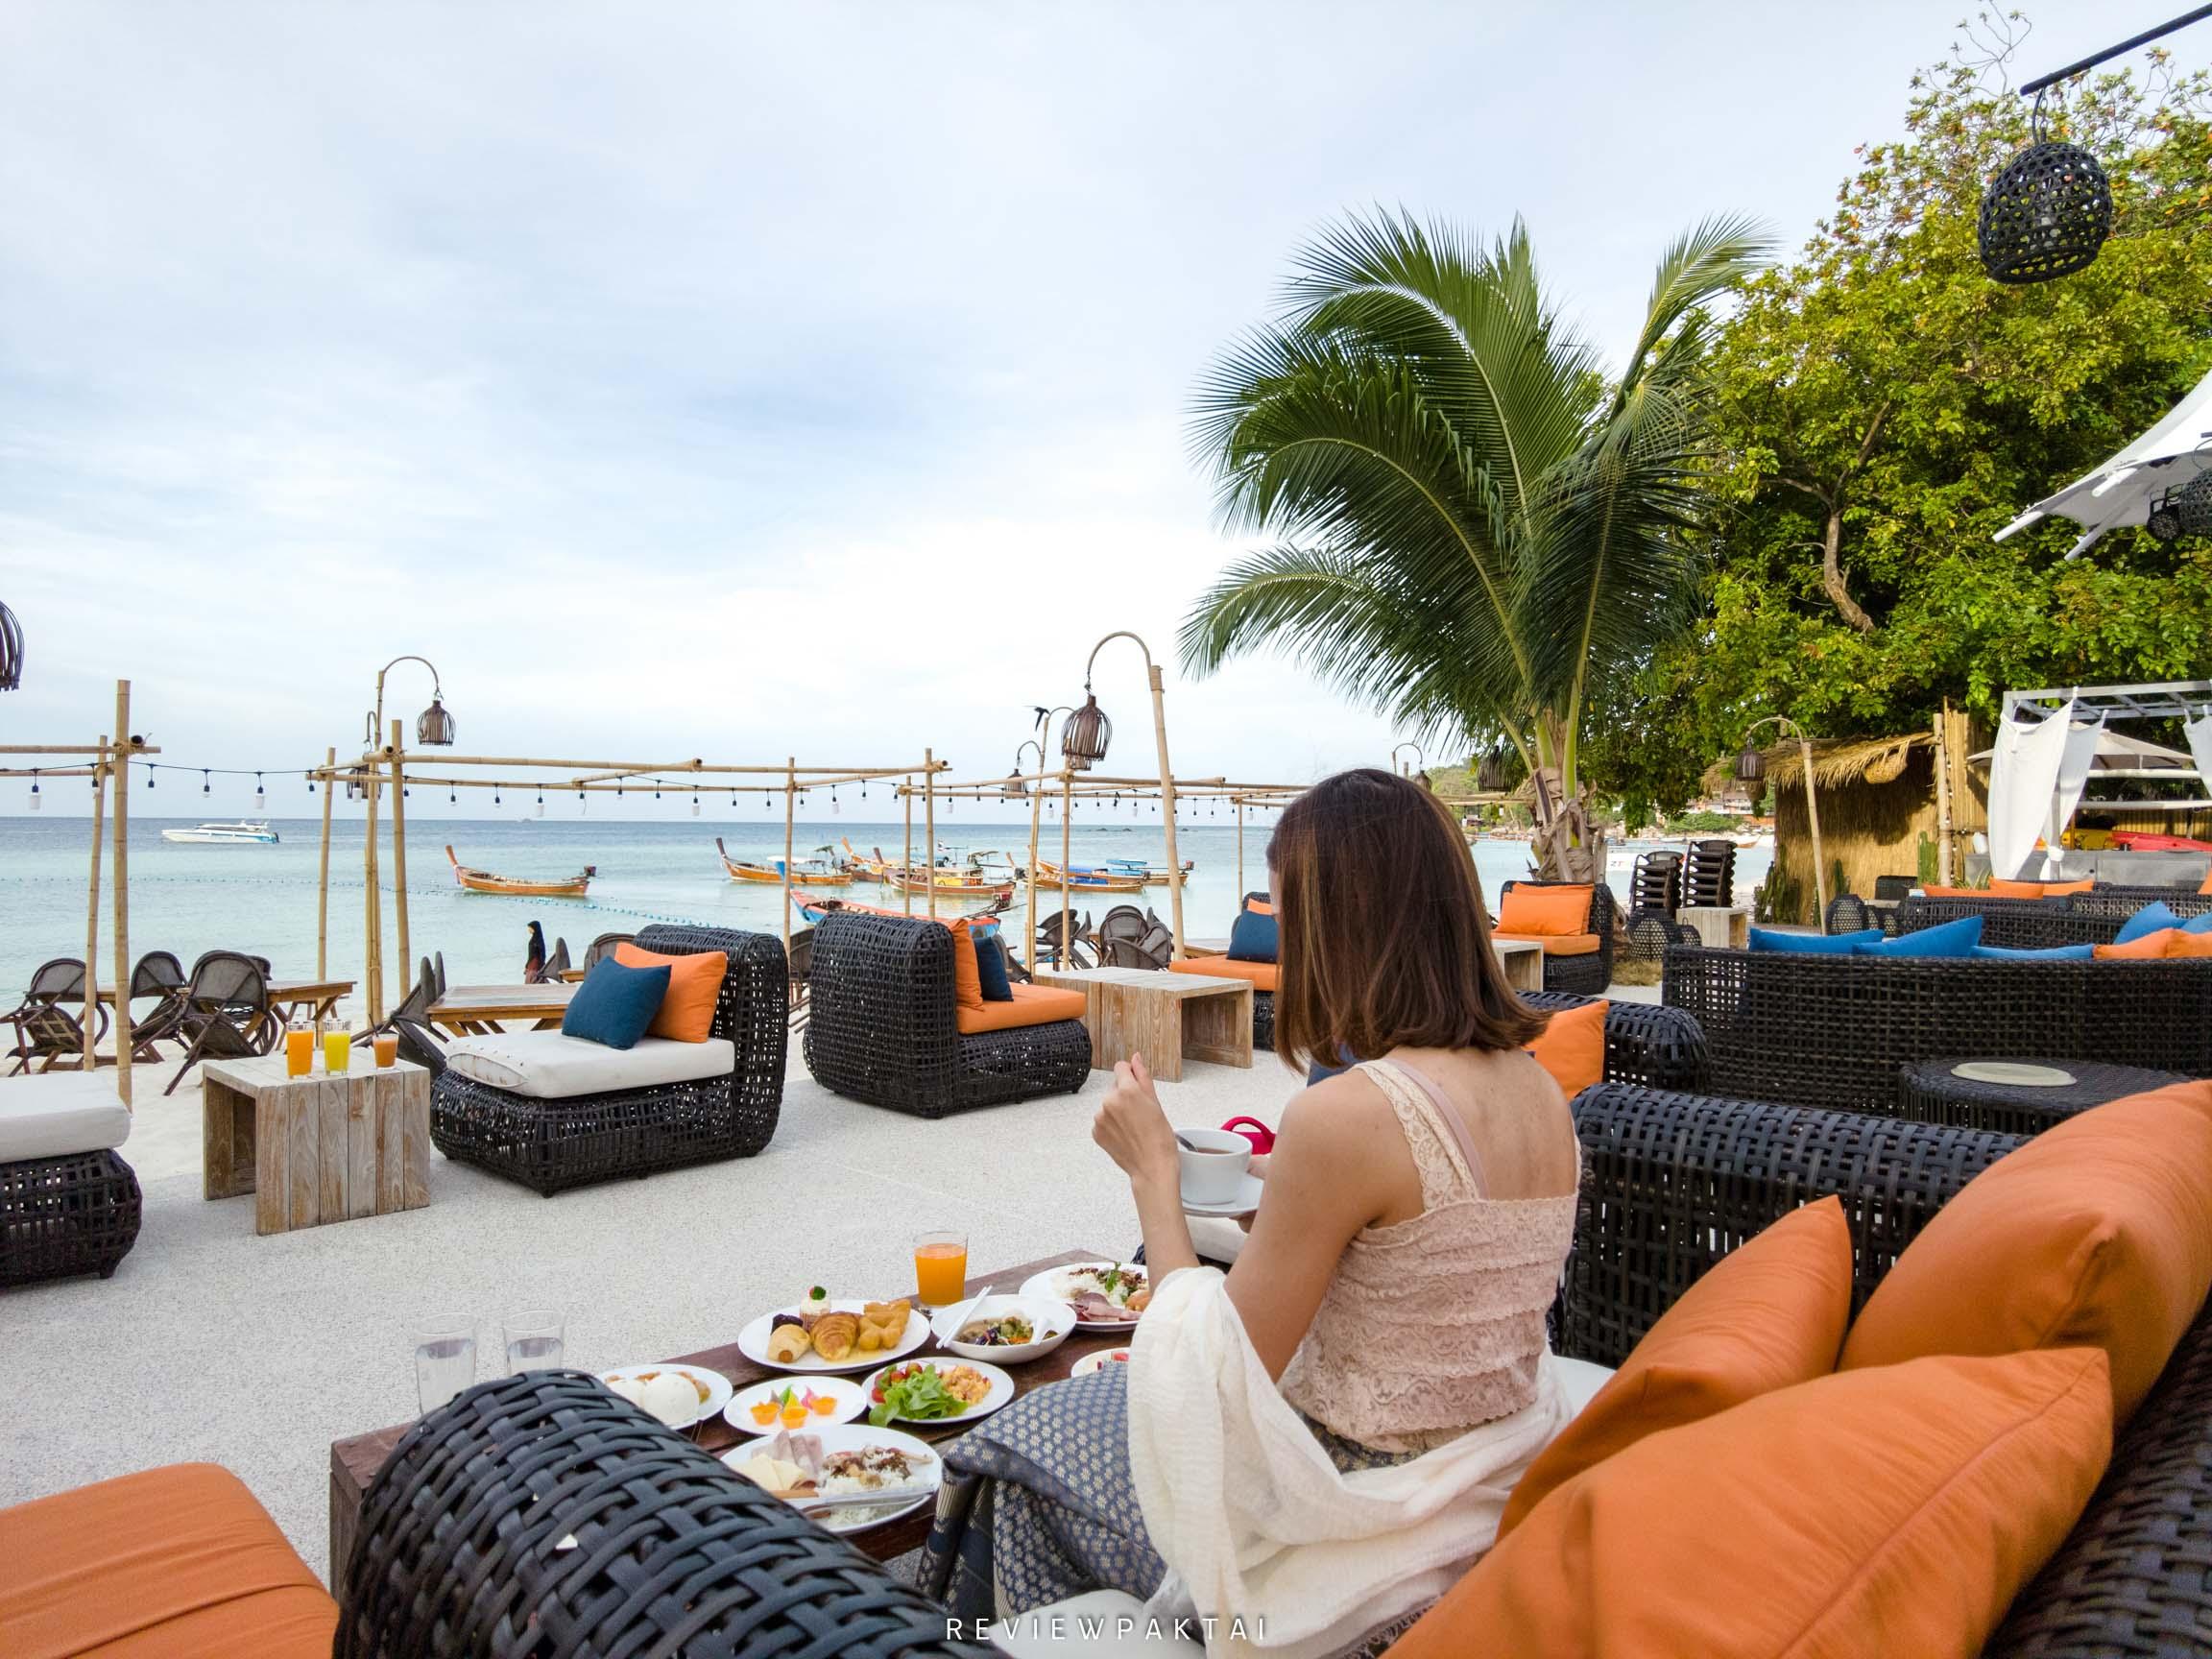 ทานอาหารเช้ากันฟินๆ akira,lipe,สตูล,เกาะหลีเป๊ะ,ที่พักหลีเป๊ะ,ที่พักสตูล